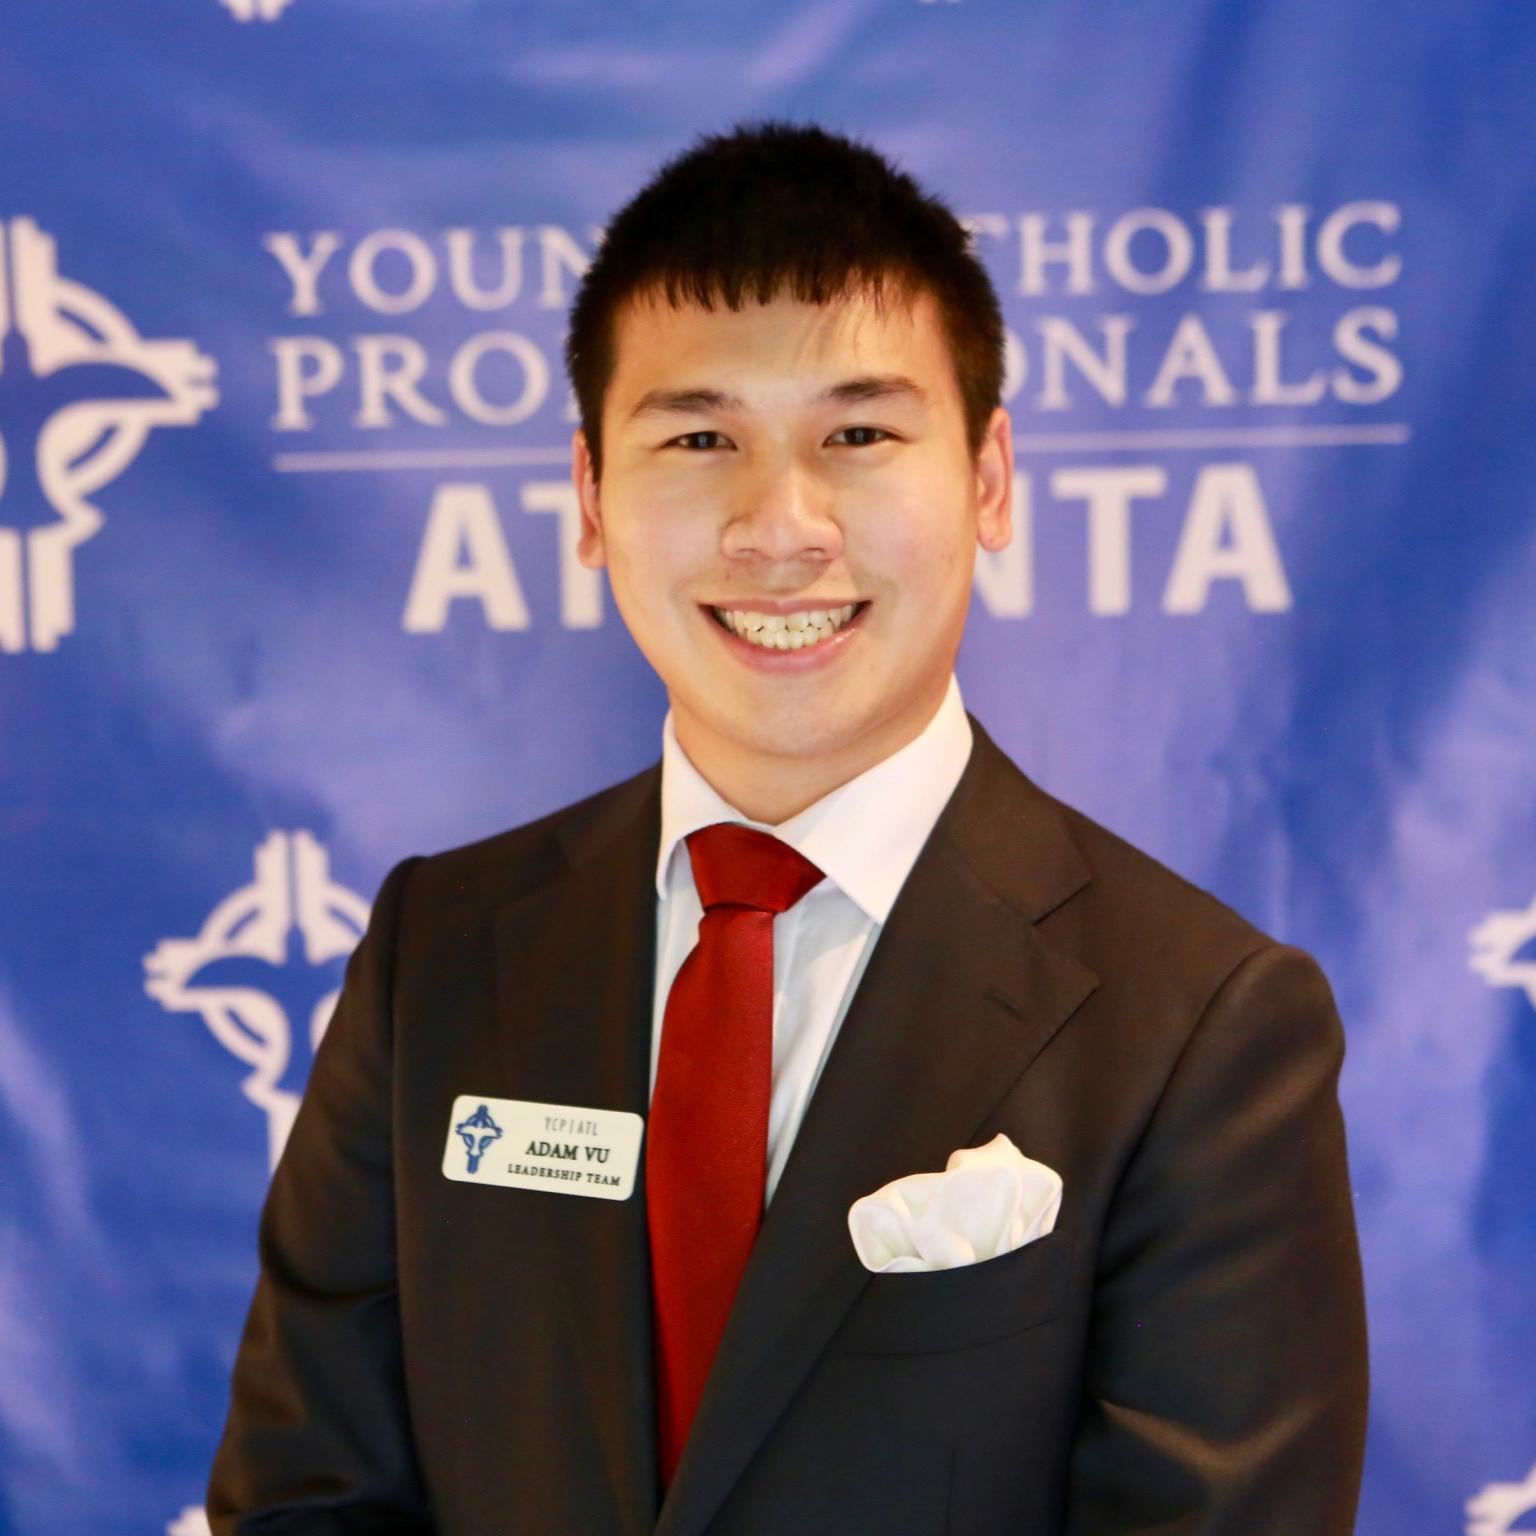 Adam Vu - Director of Technology